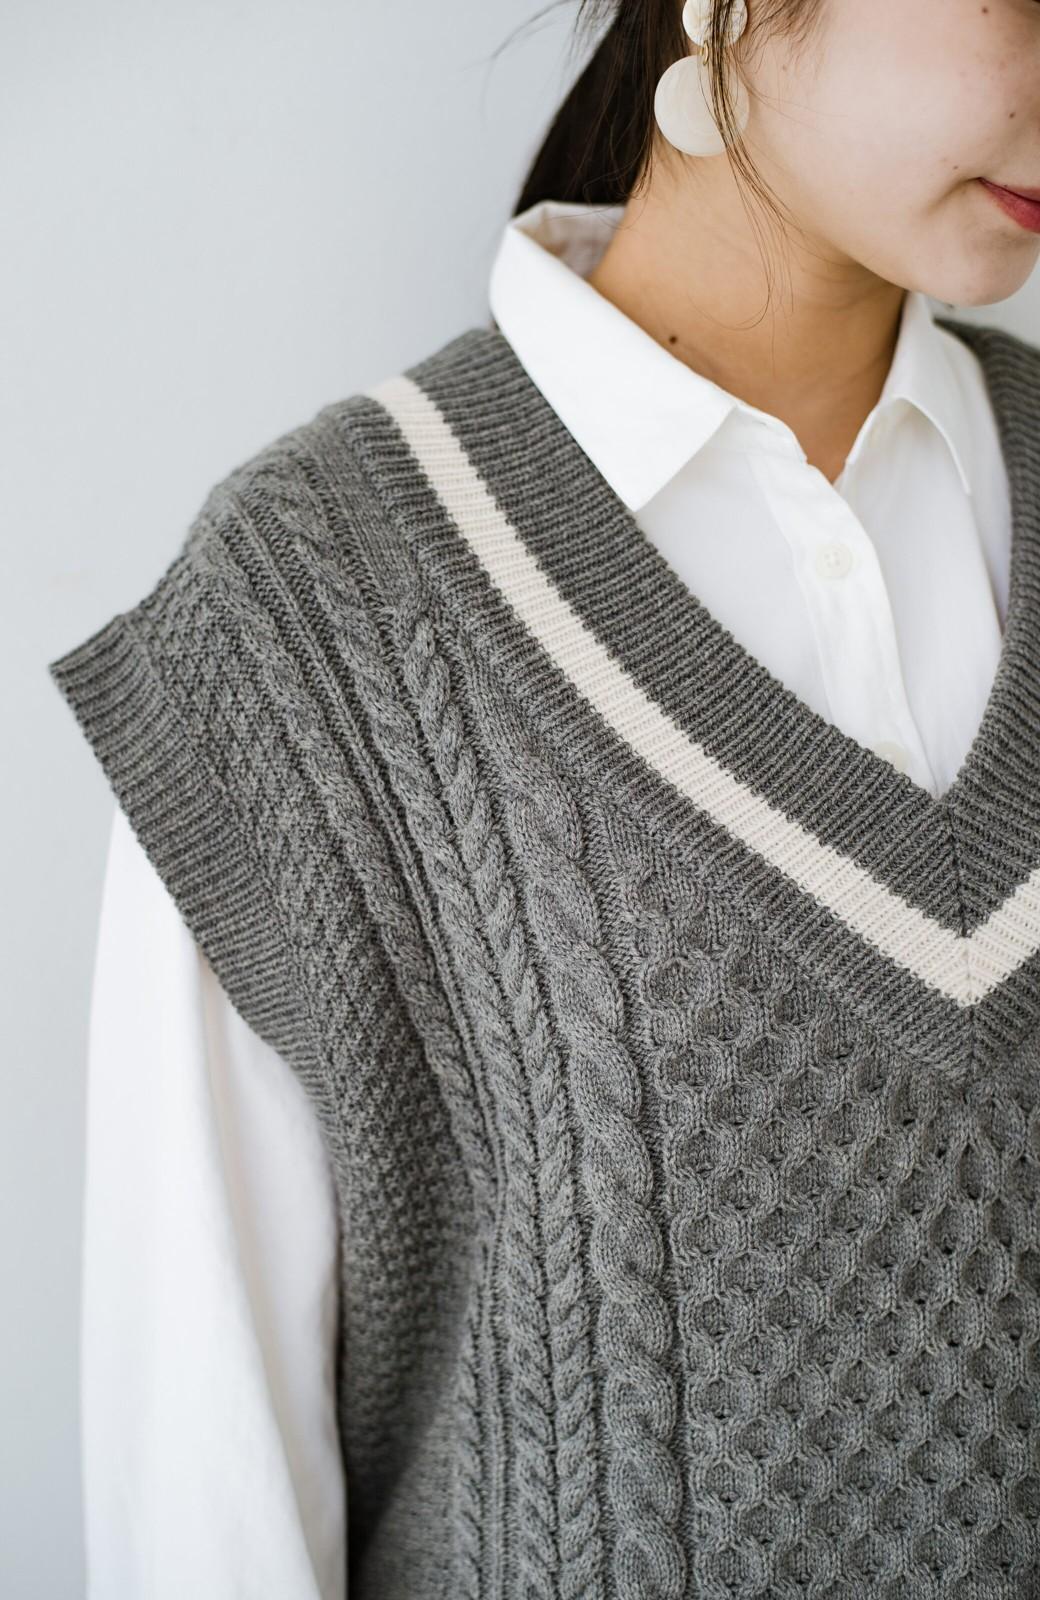 haco! ニットとのこなれた重ね着が簡単にできる!なめらか素材でつくった大人のためのシンプルシャツ <ホワイト>の商品写真9